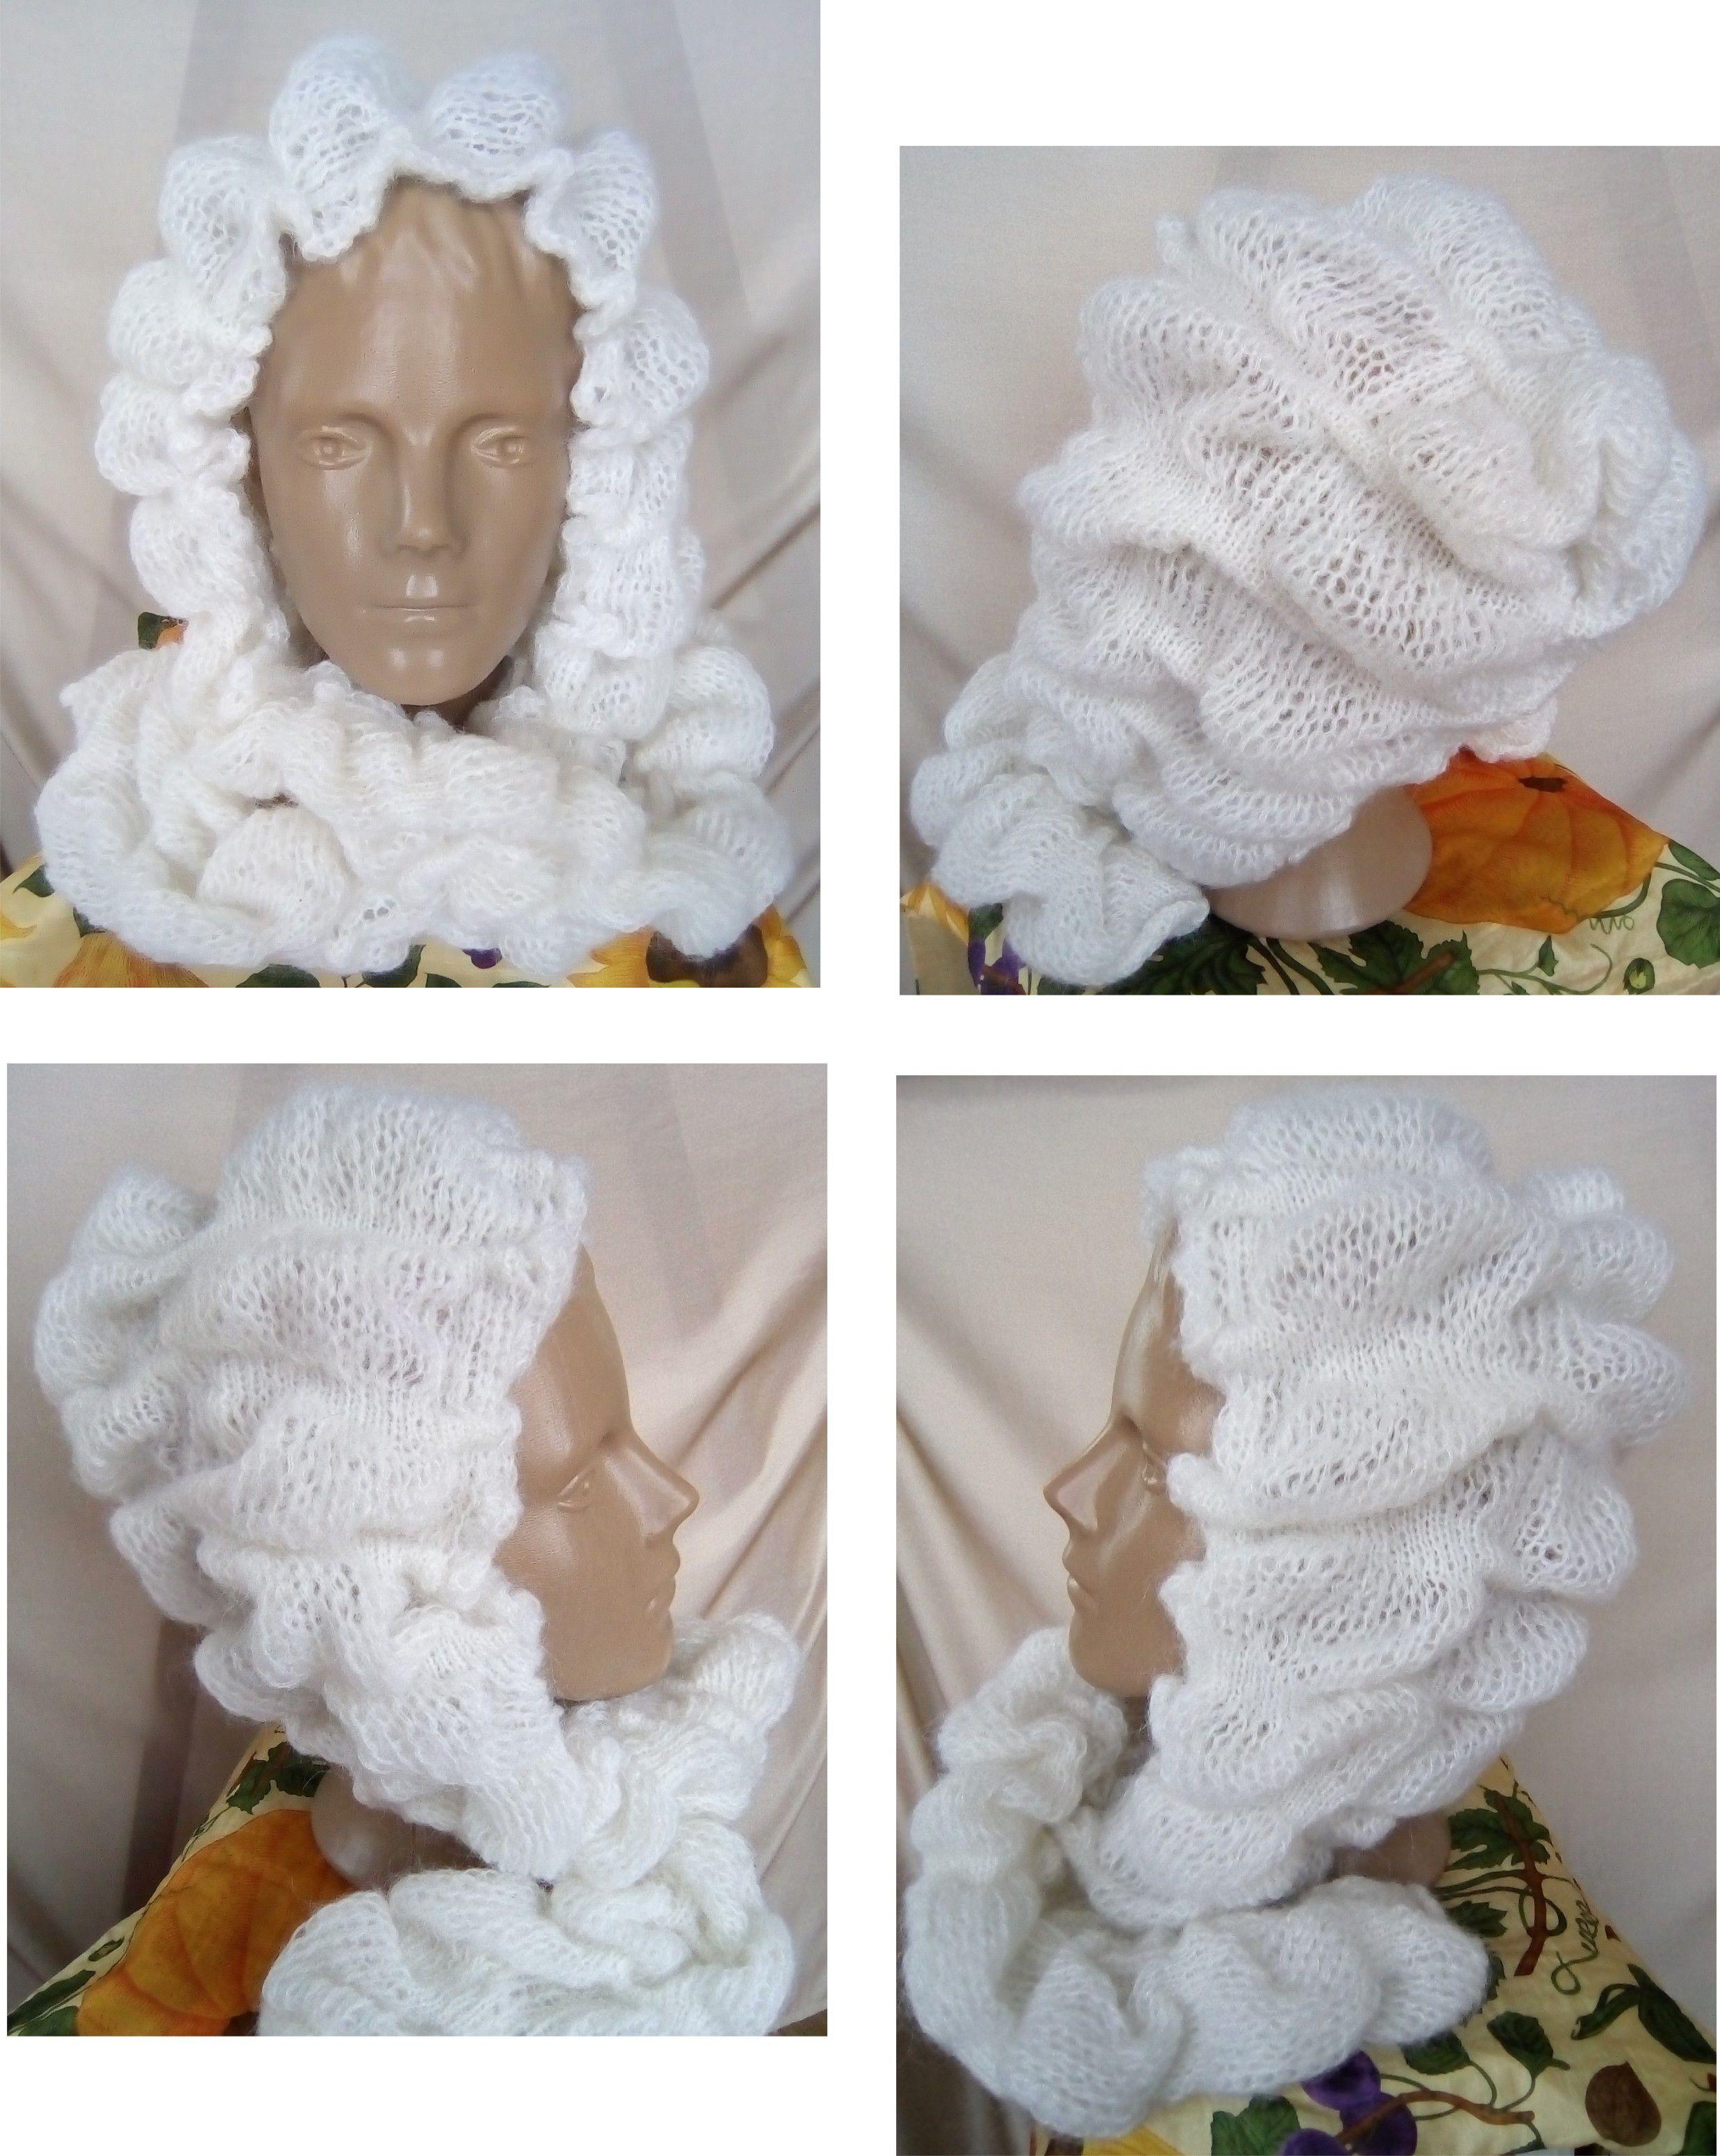 вязаный женщин аксессуар дизайнерская снуд теплая шапка капюшон парик головной убор для шапочка hood wig cap cup knitted зимняя модный кидмохер